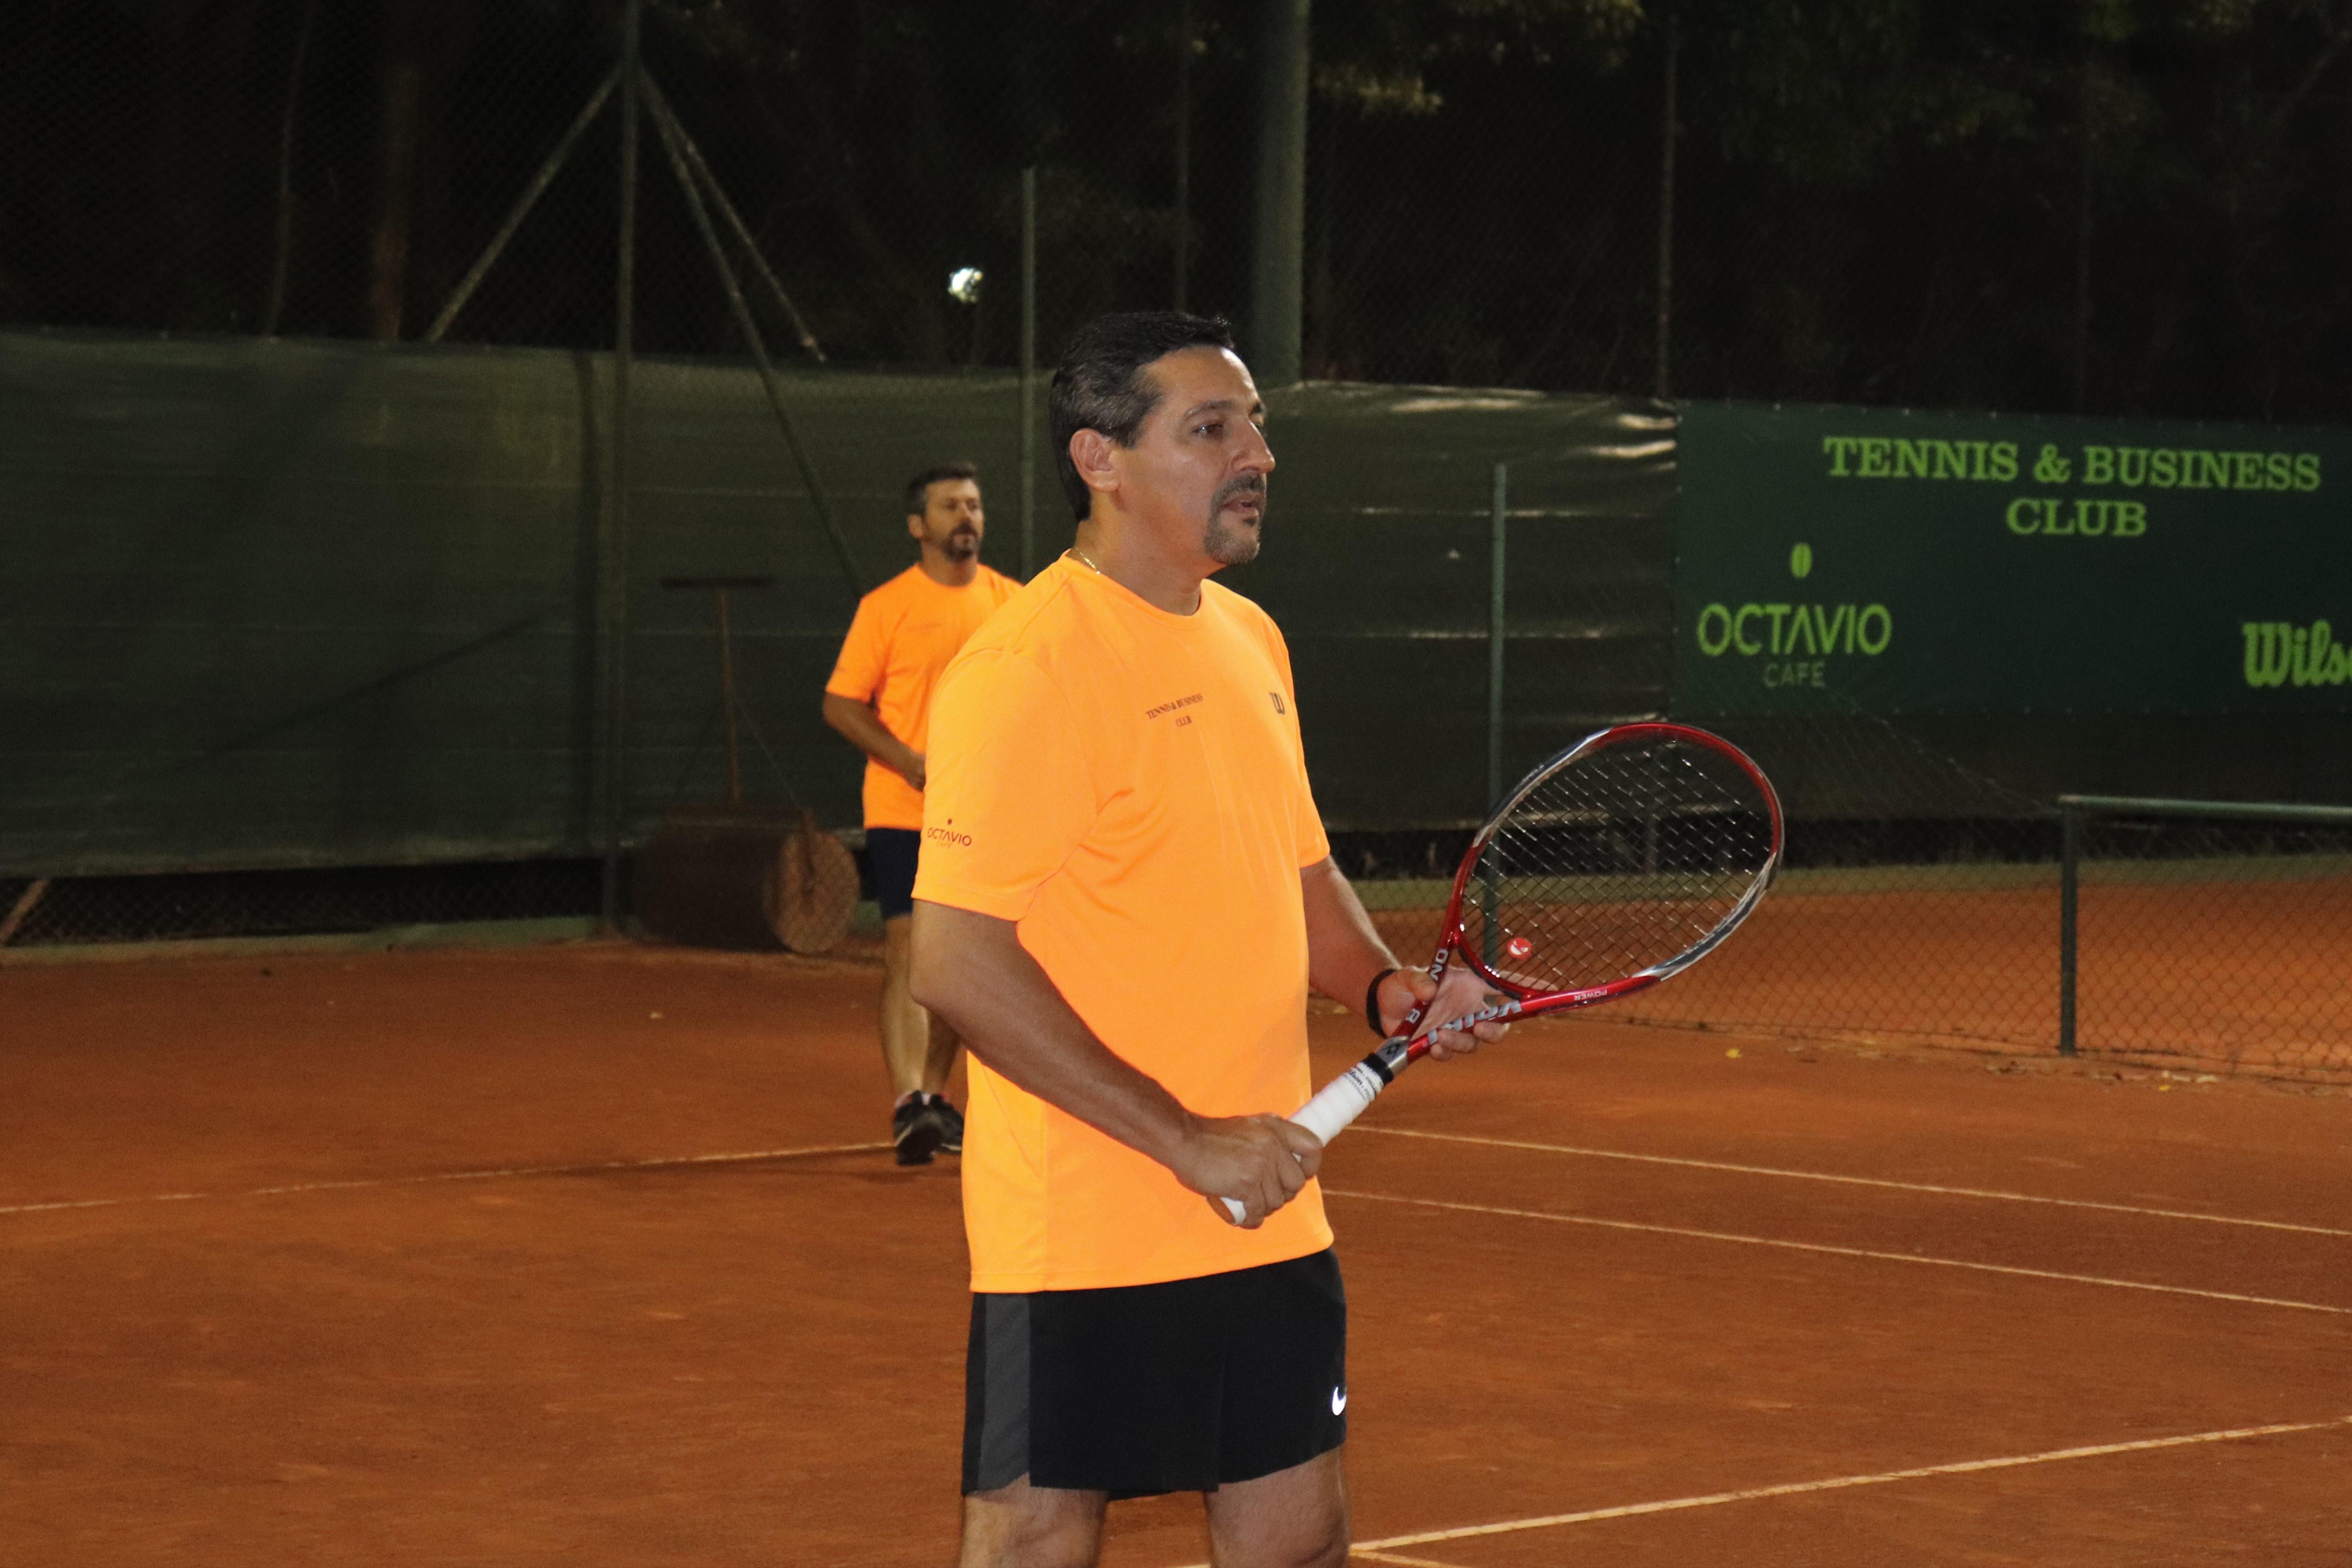 Protegido: Tennis & Business Club #2: confira as fotos!